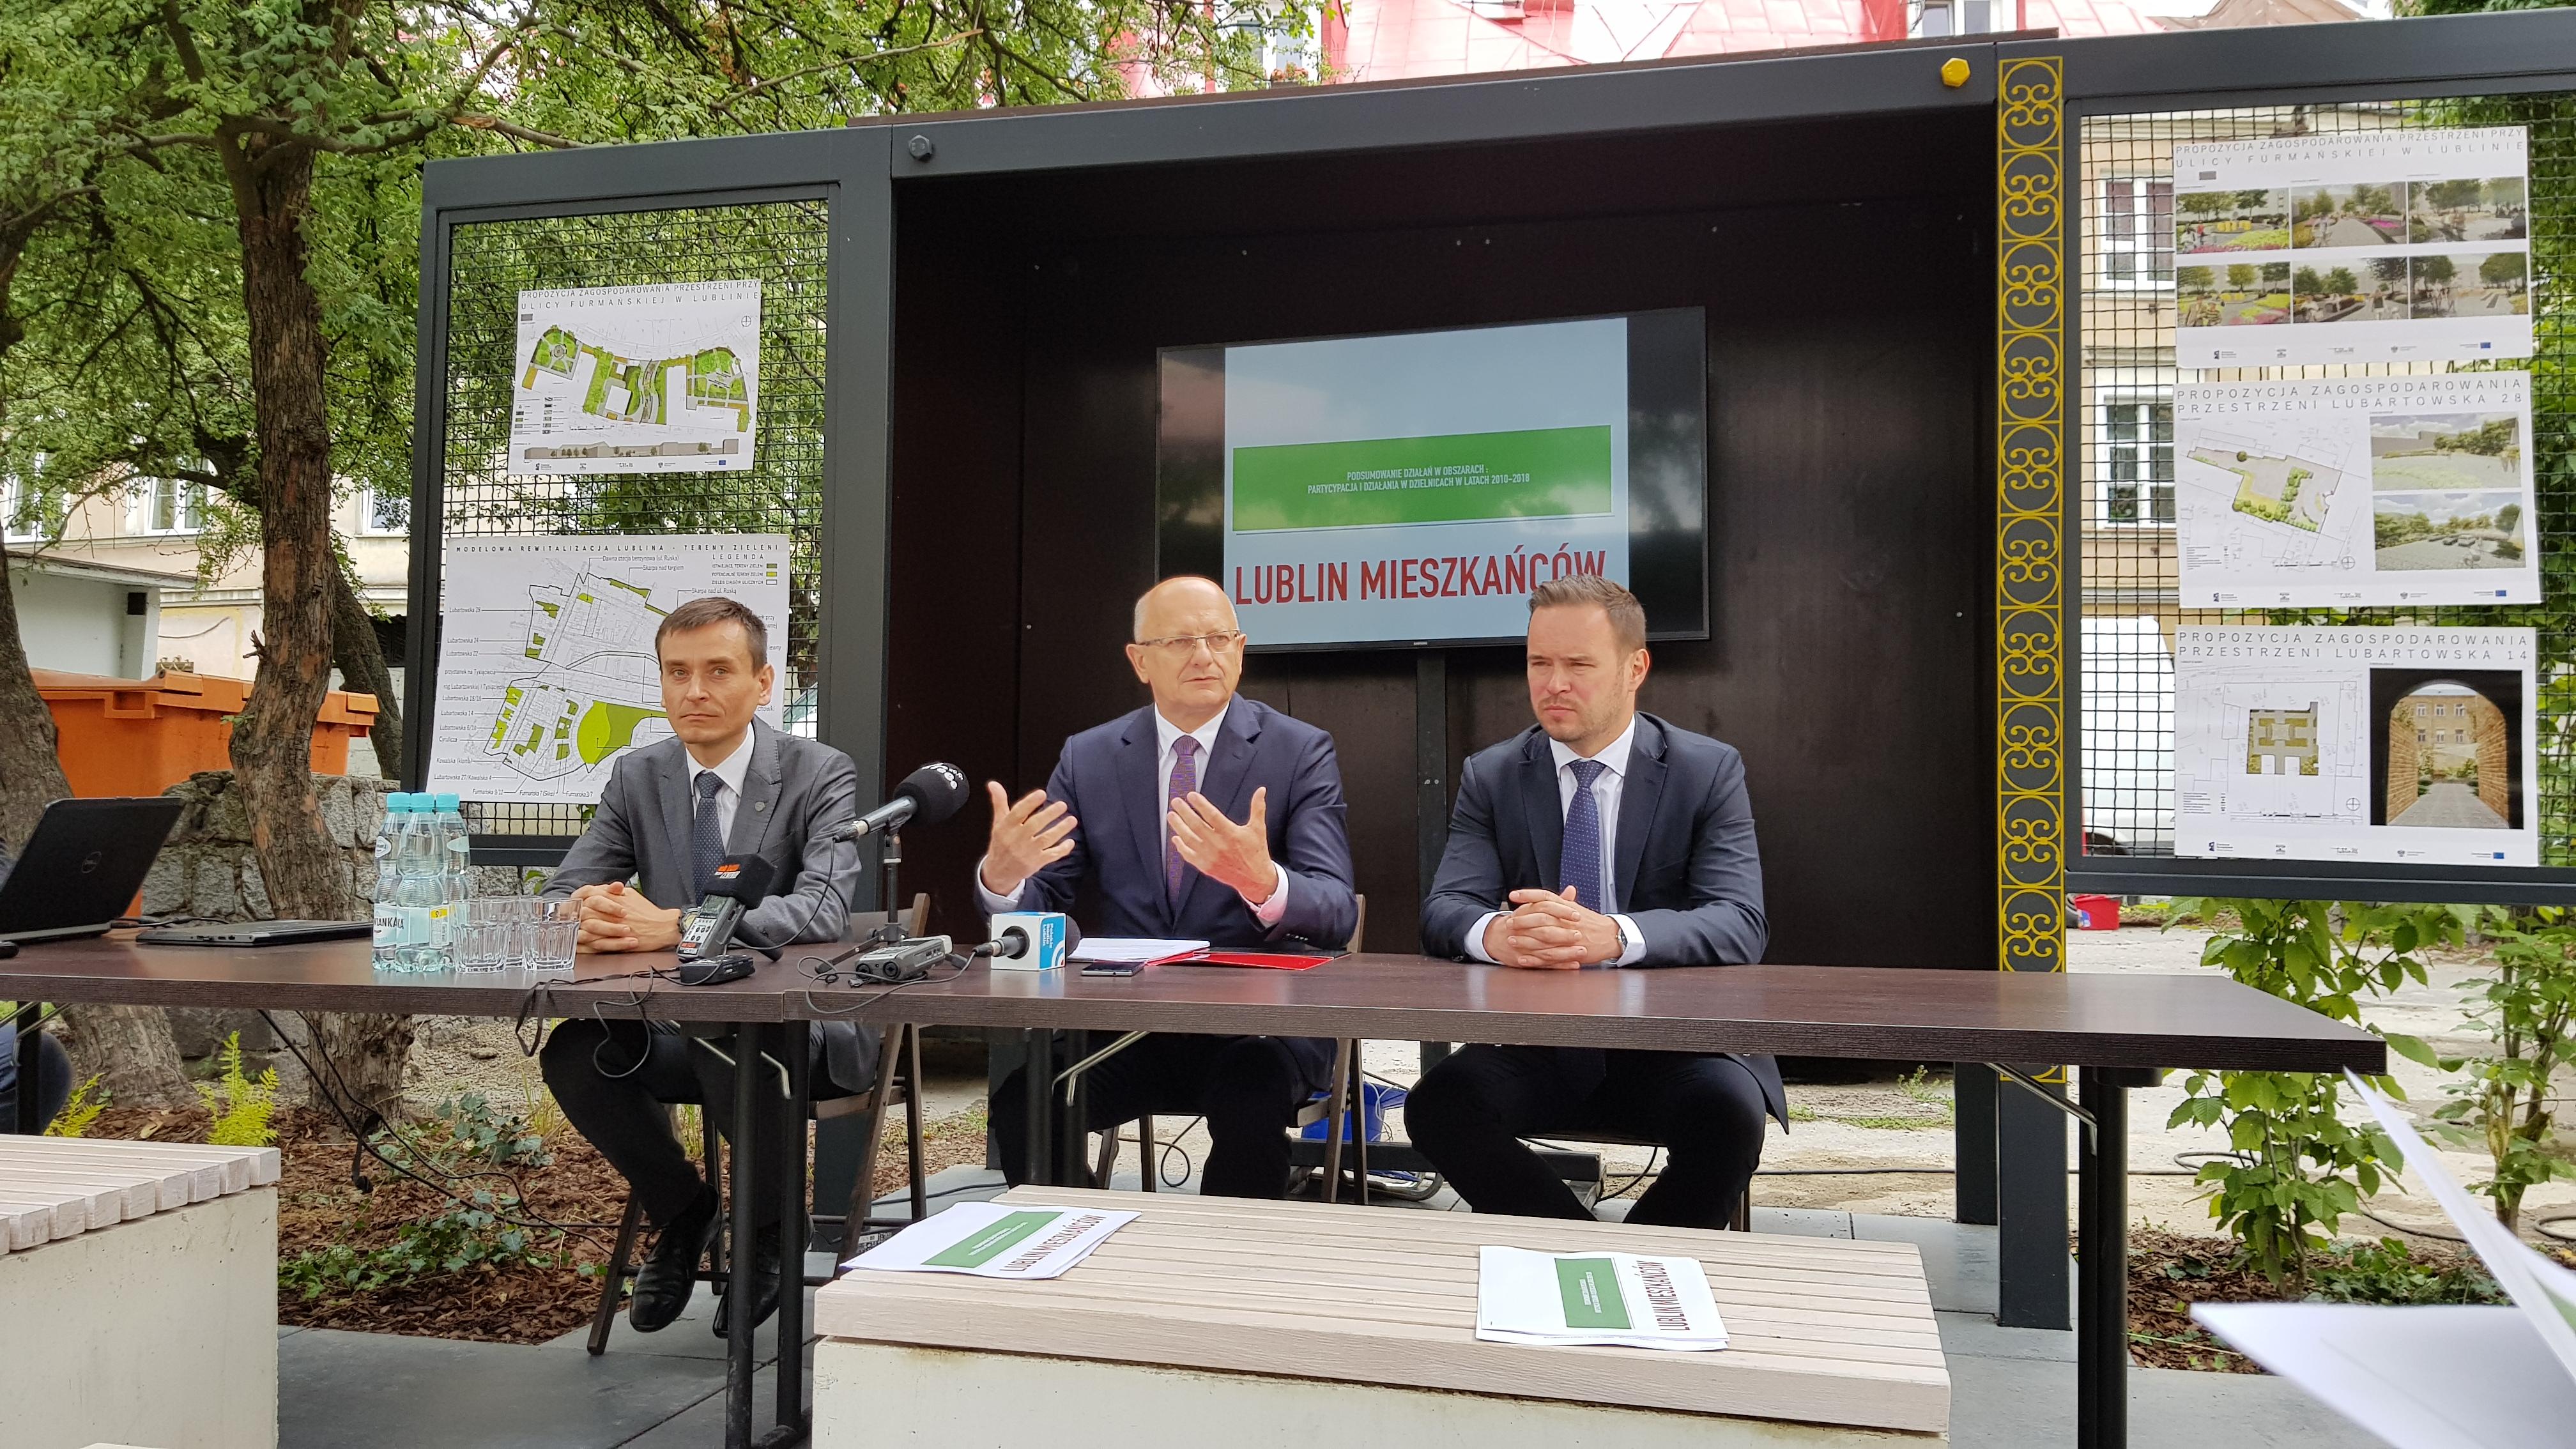 Prezydent Lublina podsumował osiem lat działań w mieście.